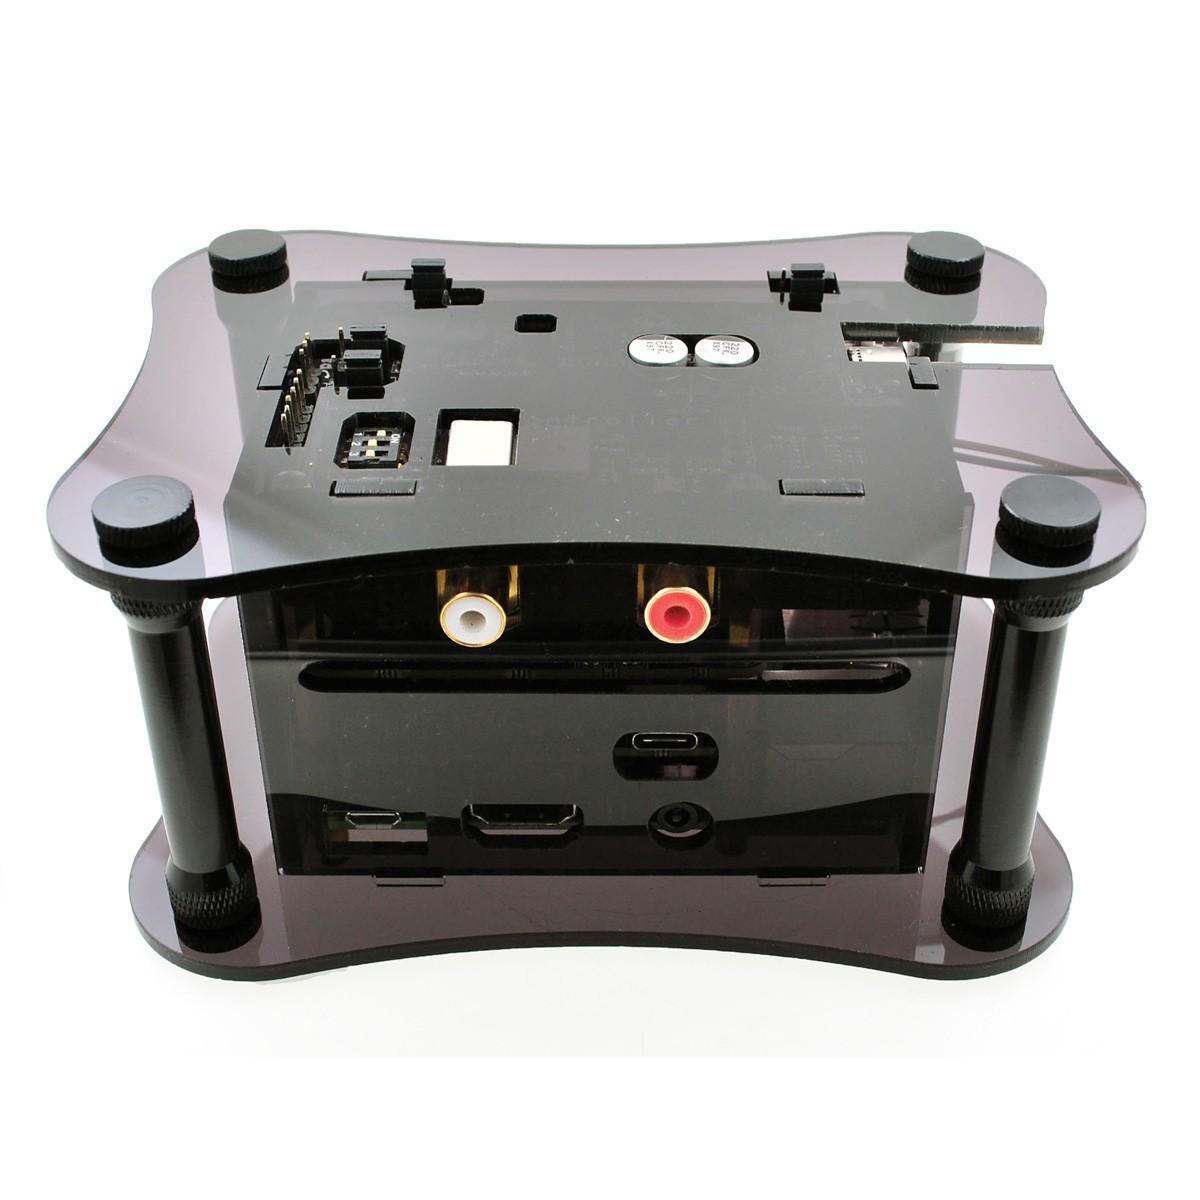 ALLO Boîtier Acrylique pour Allo Katana + Allo Isolator V1.3 + Raspberry Pi 4 Noir